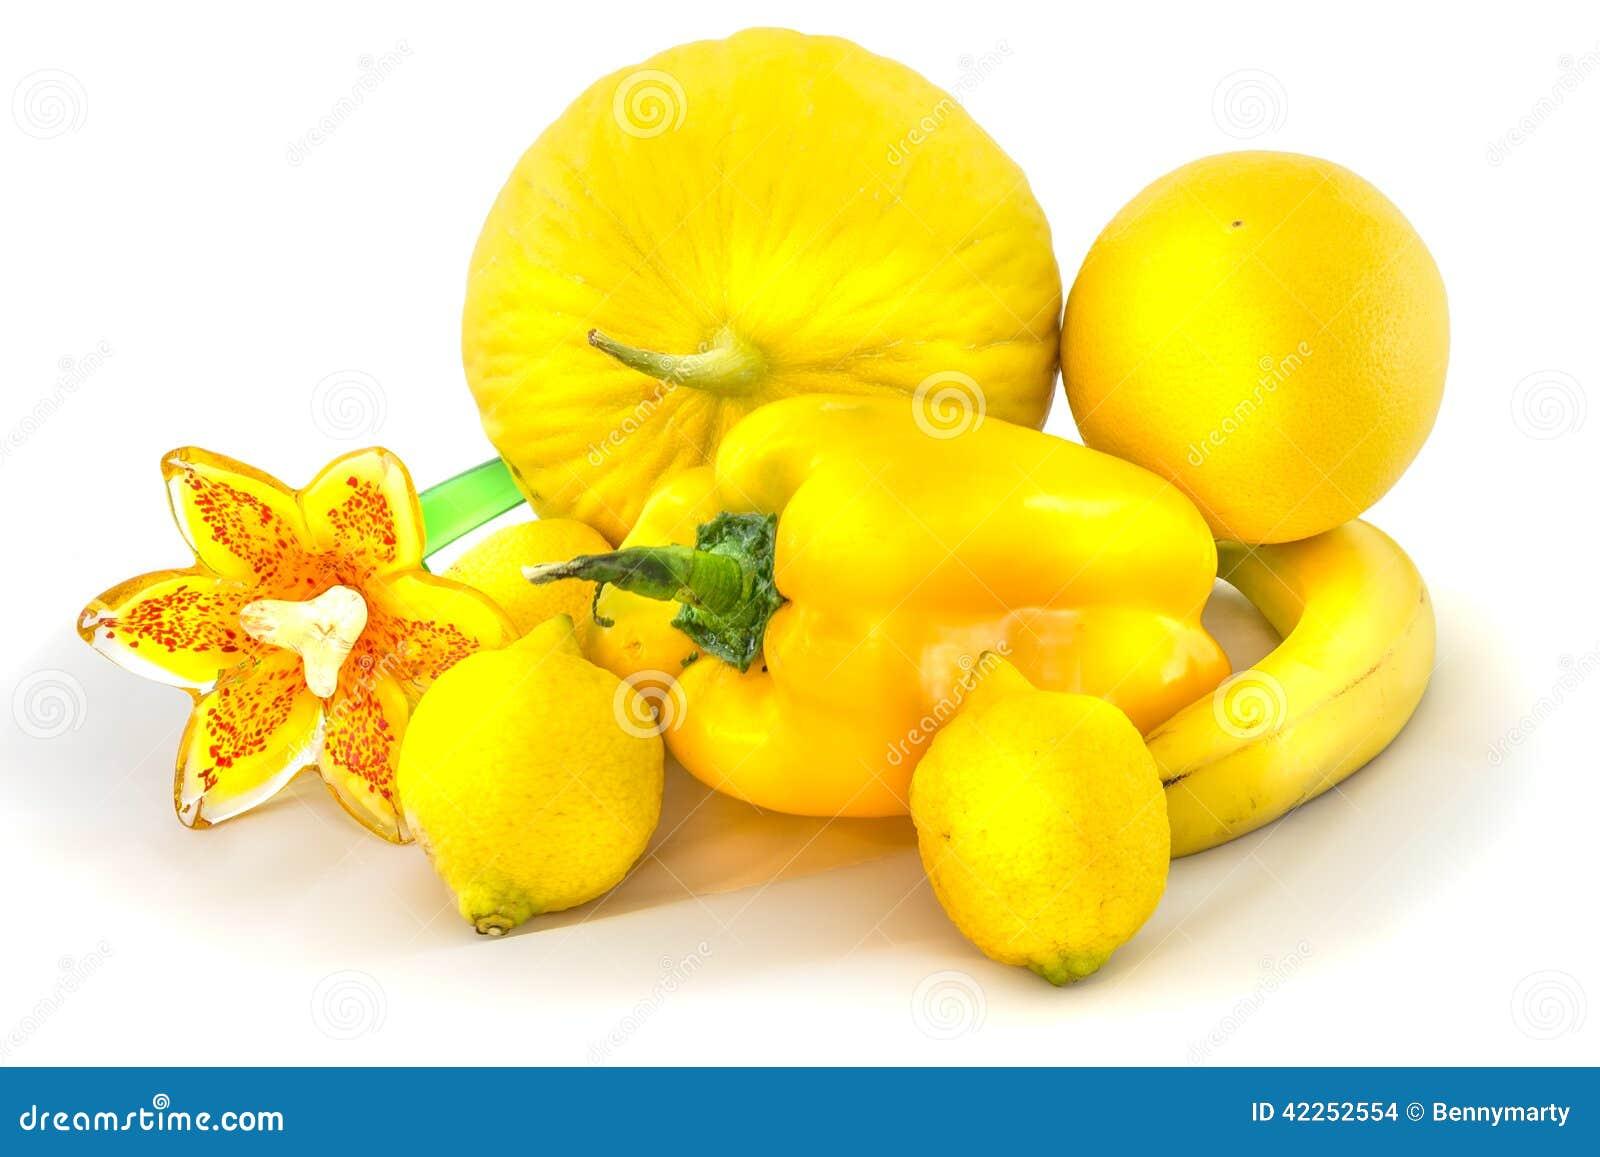 Zitrusfrucht, Obst Und Gemüse Färben Sich Mit Schatten Gelb ...